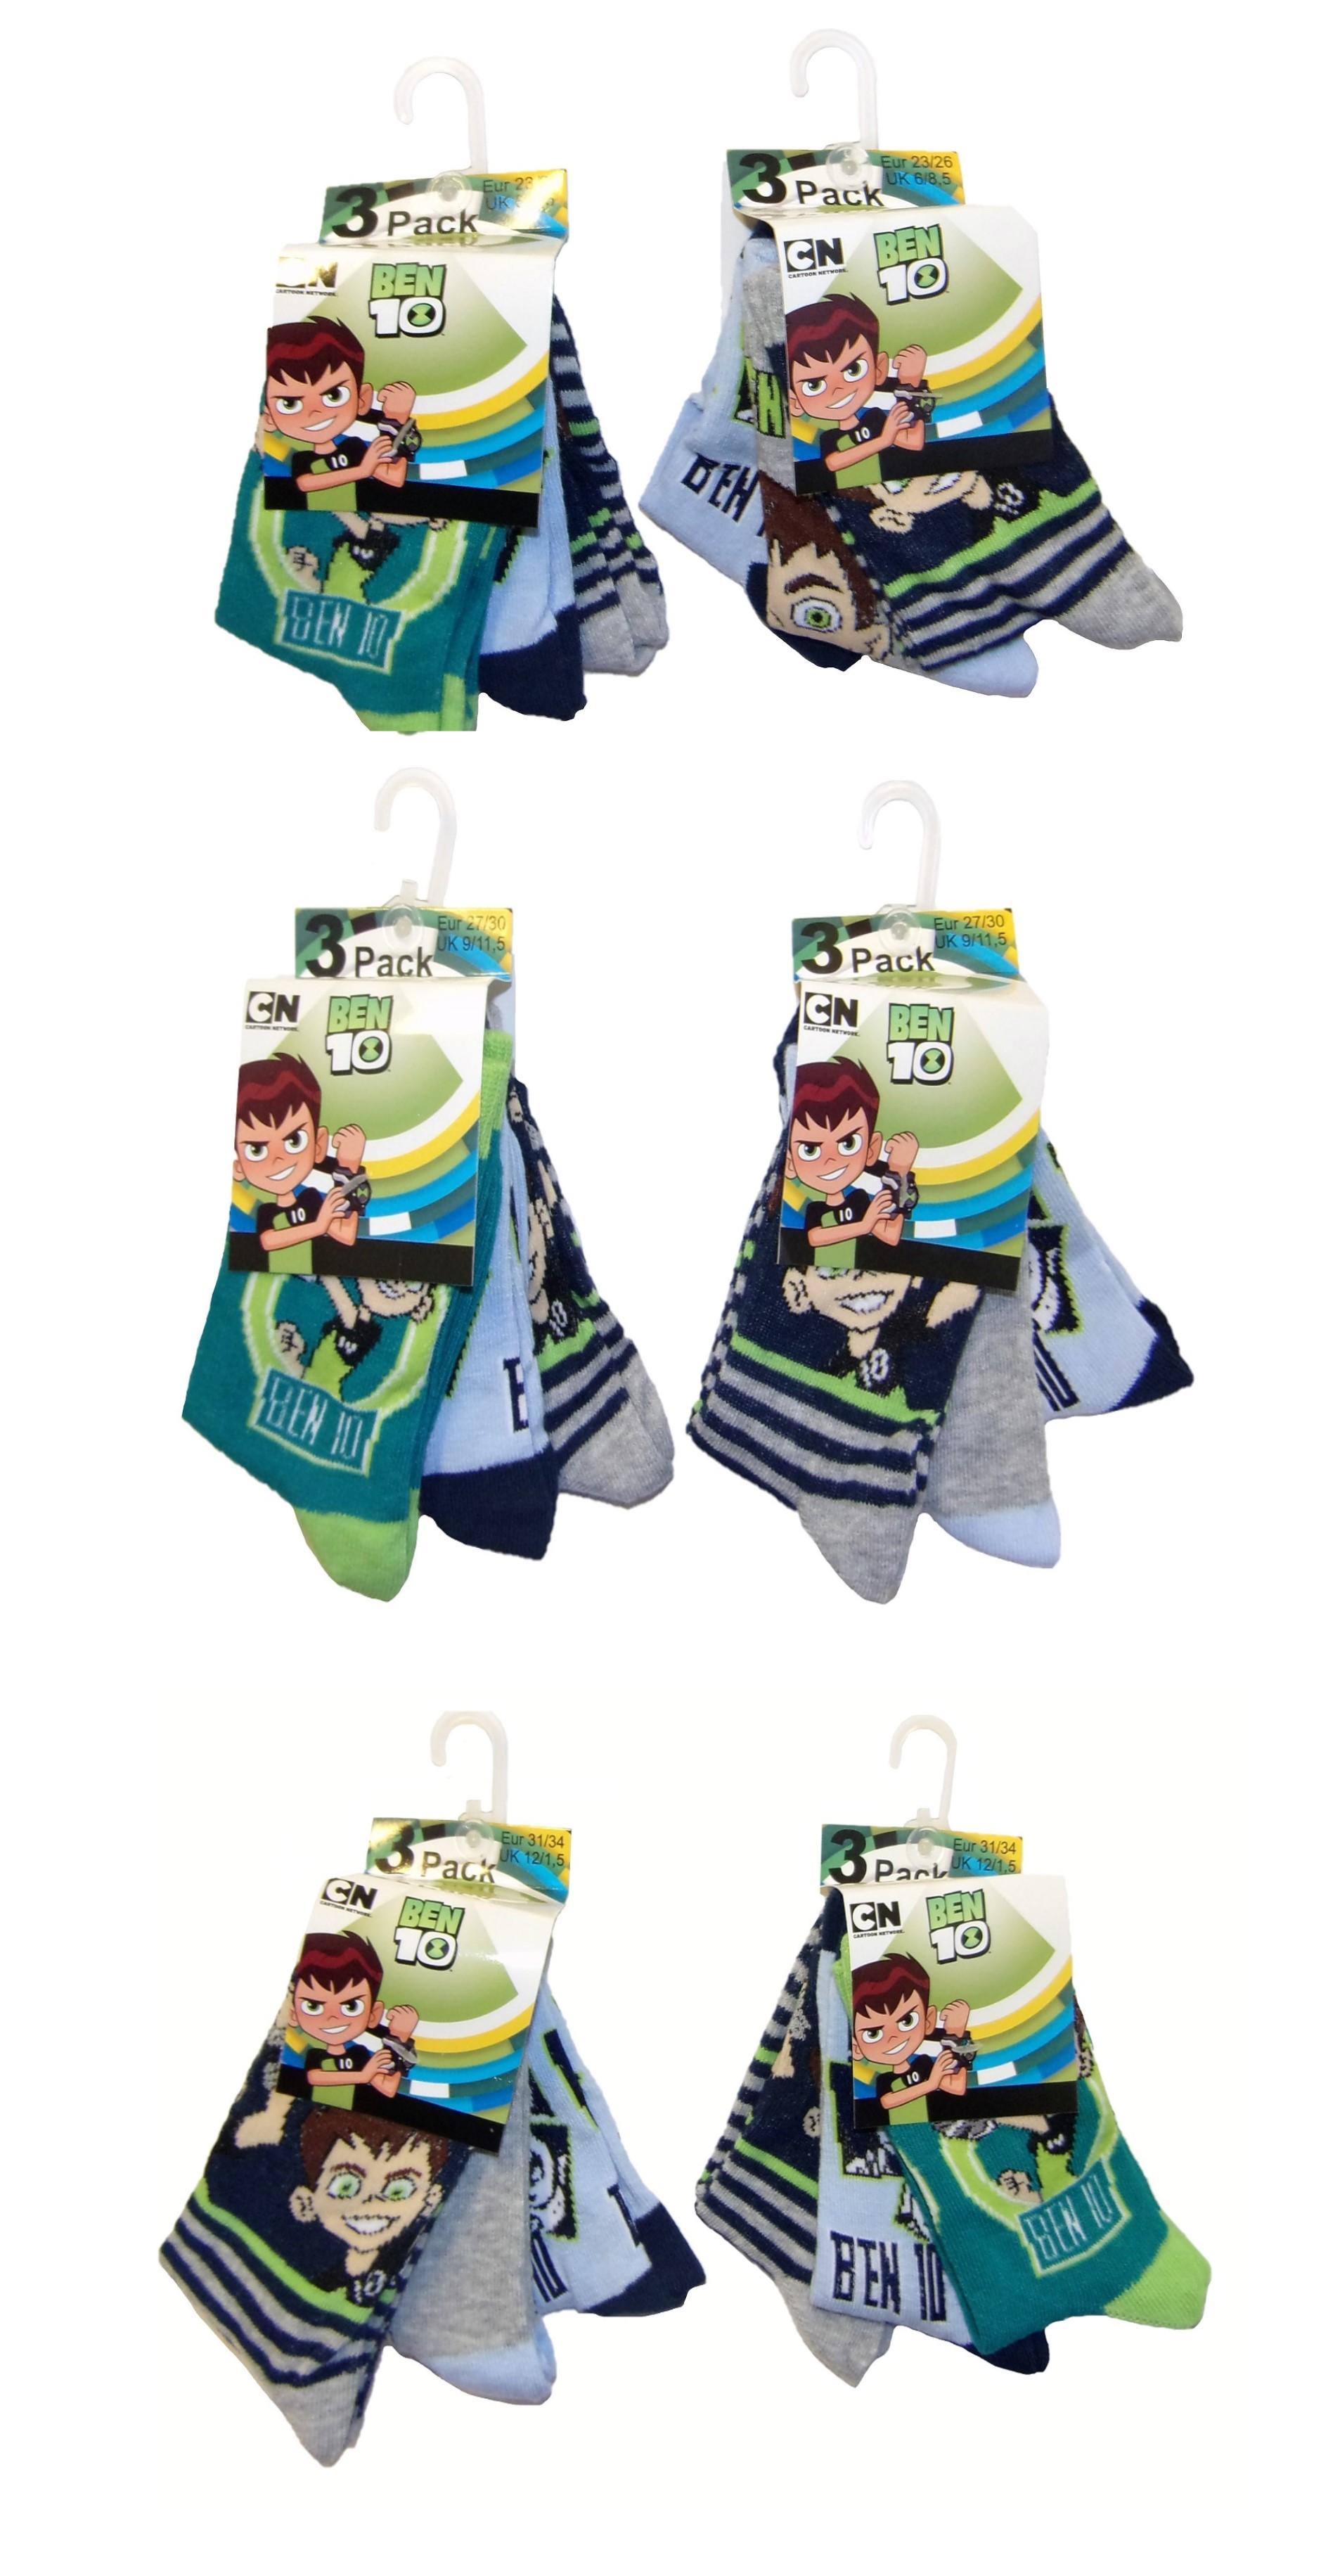 Ben 10 Socken für Kinder verschiedene Größen (6er Pack) (Auswahl)